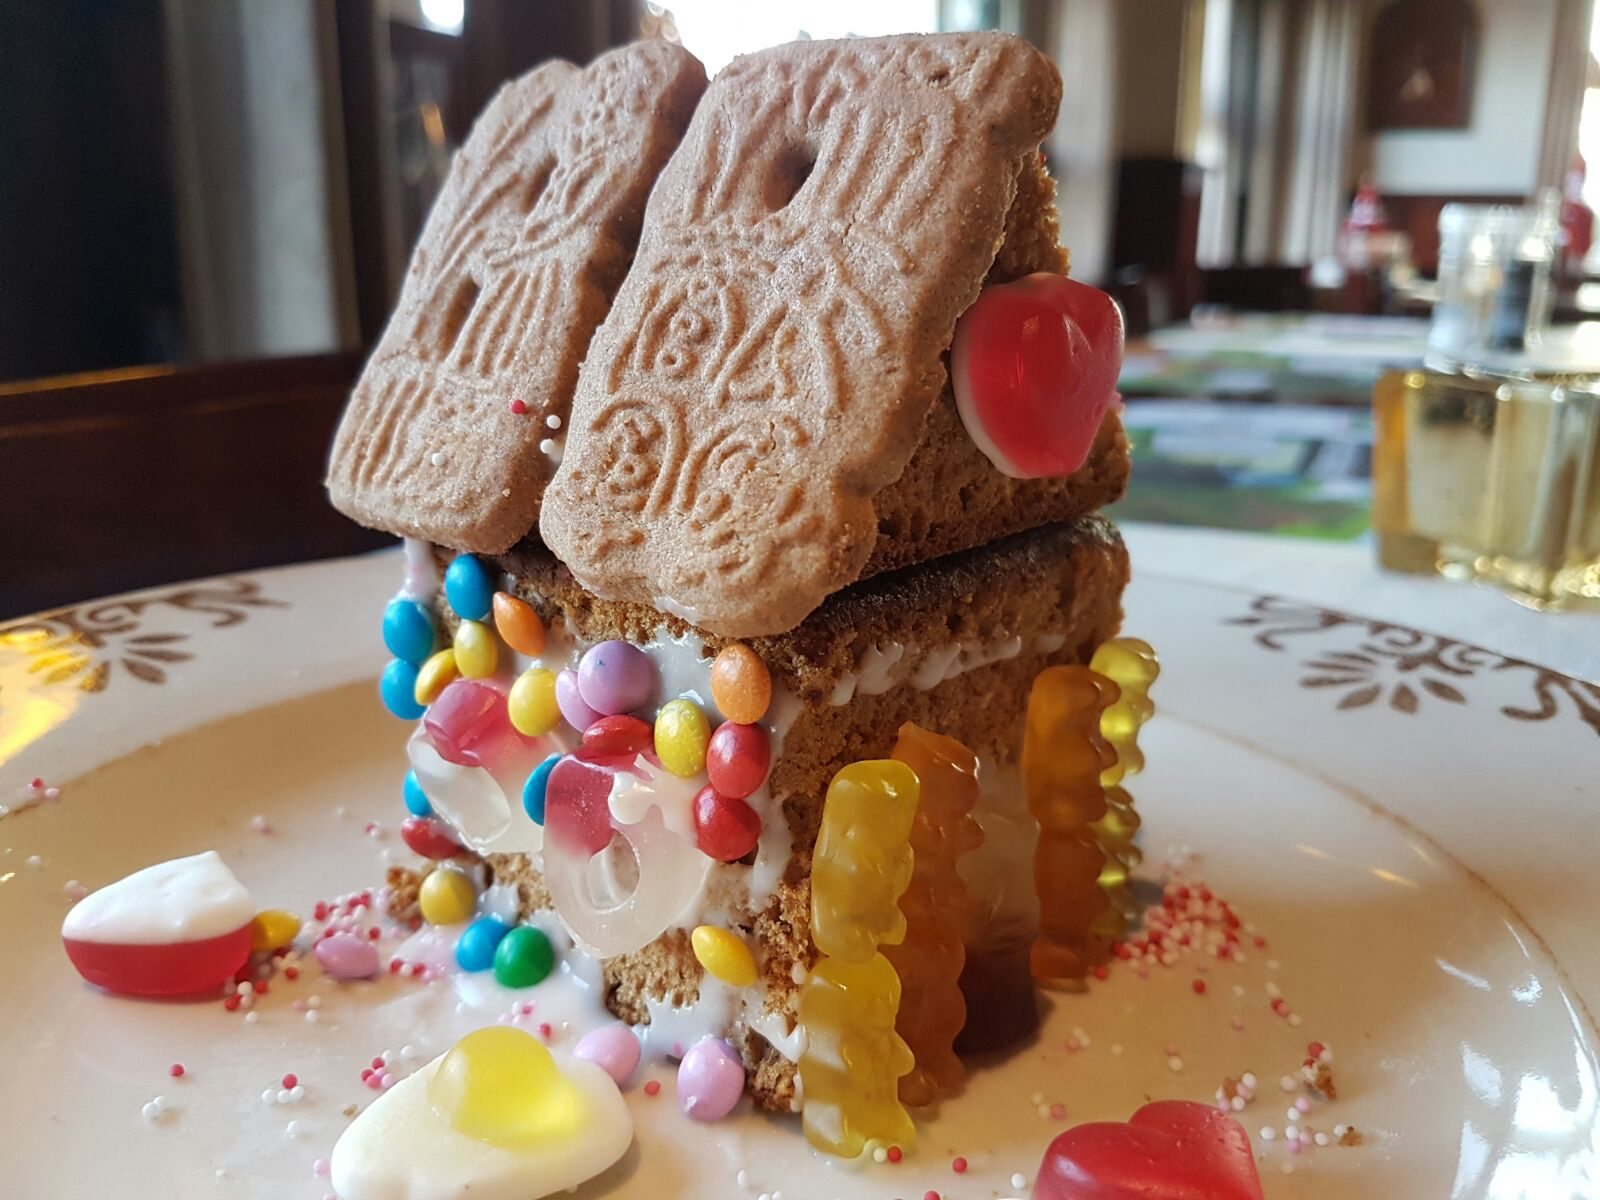 Snoephuisje maken tijdens kinderfeestje in Voorthuizen